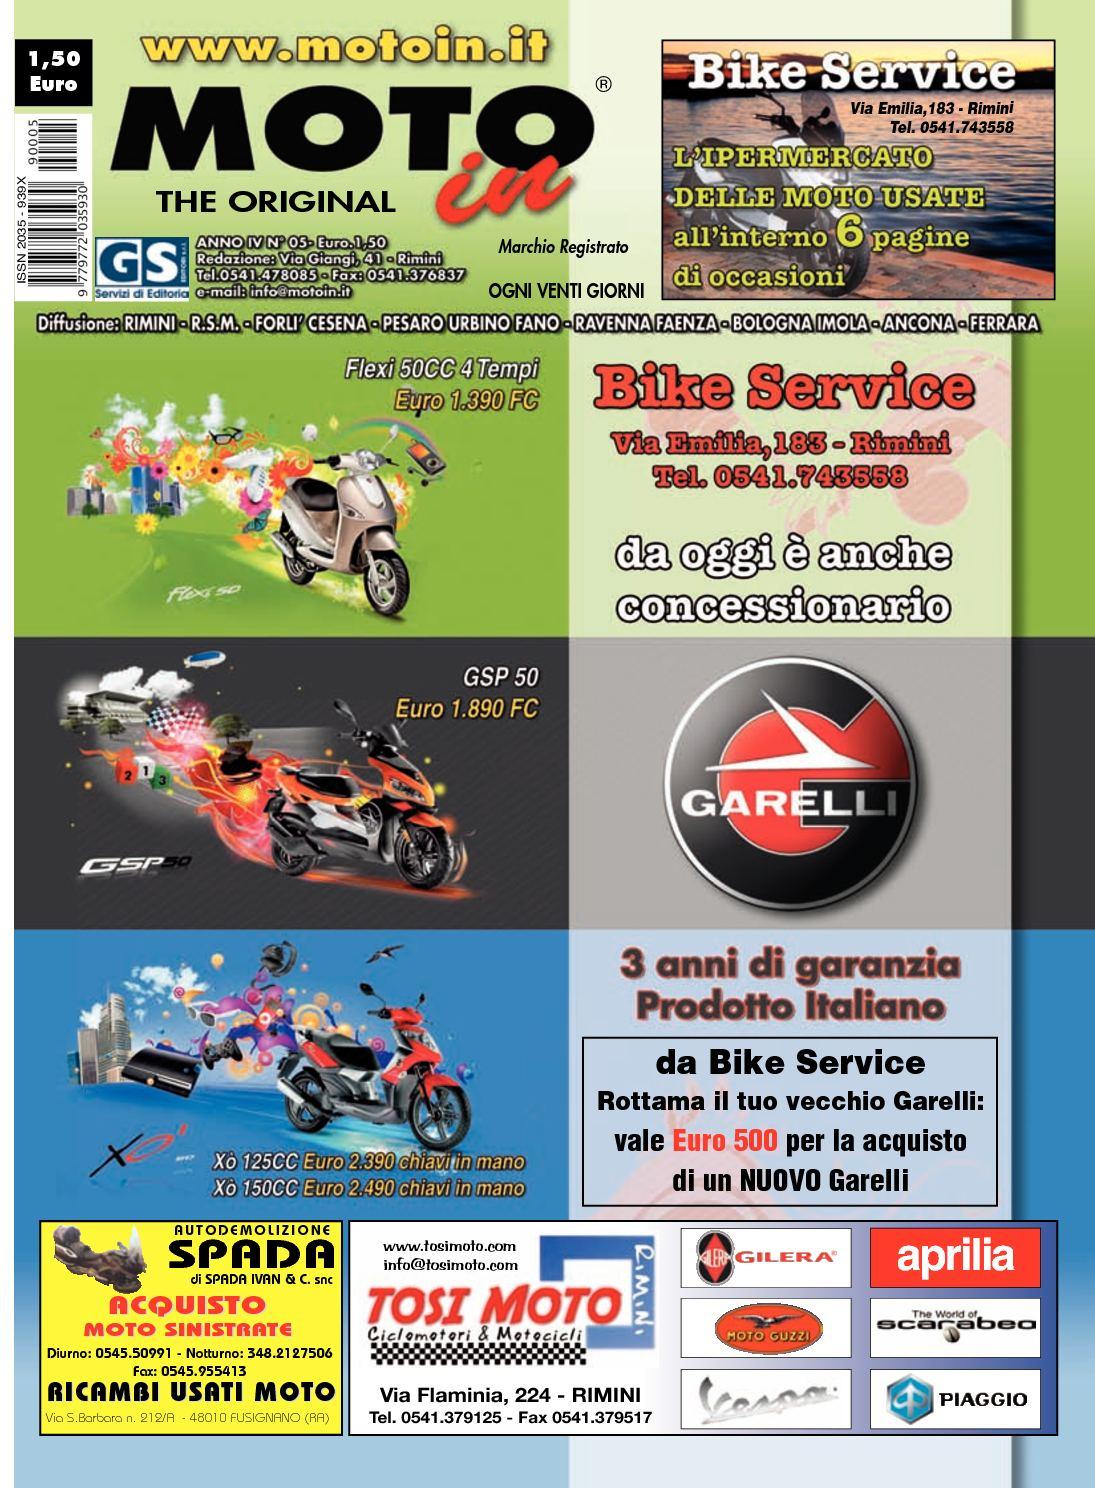 2 anni di garanzia Fianchetti radiatore Yamaha FZ6